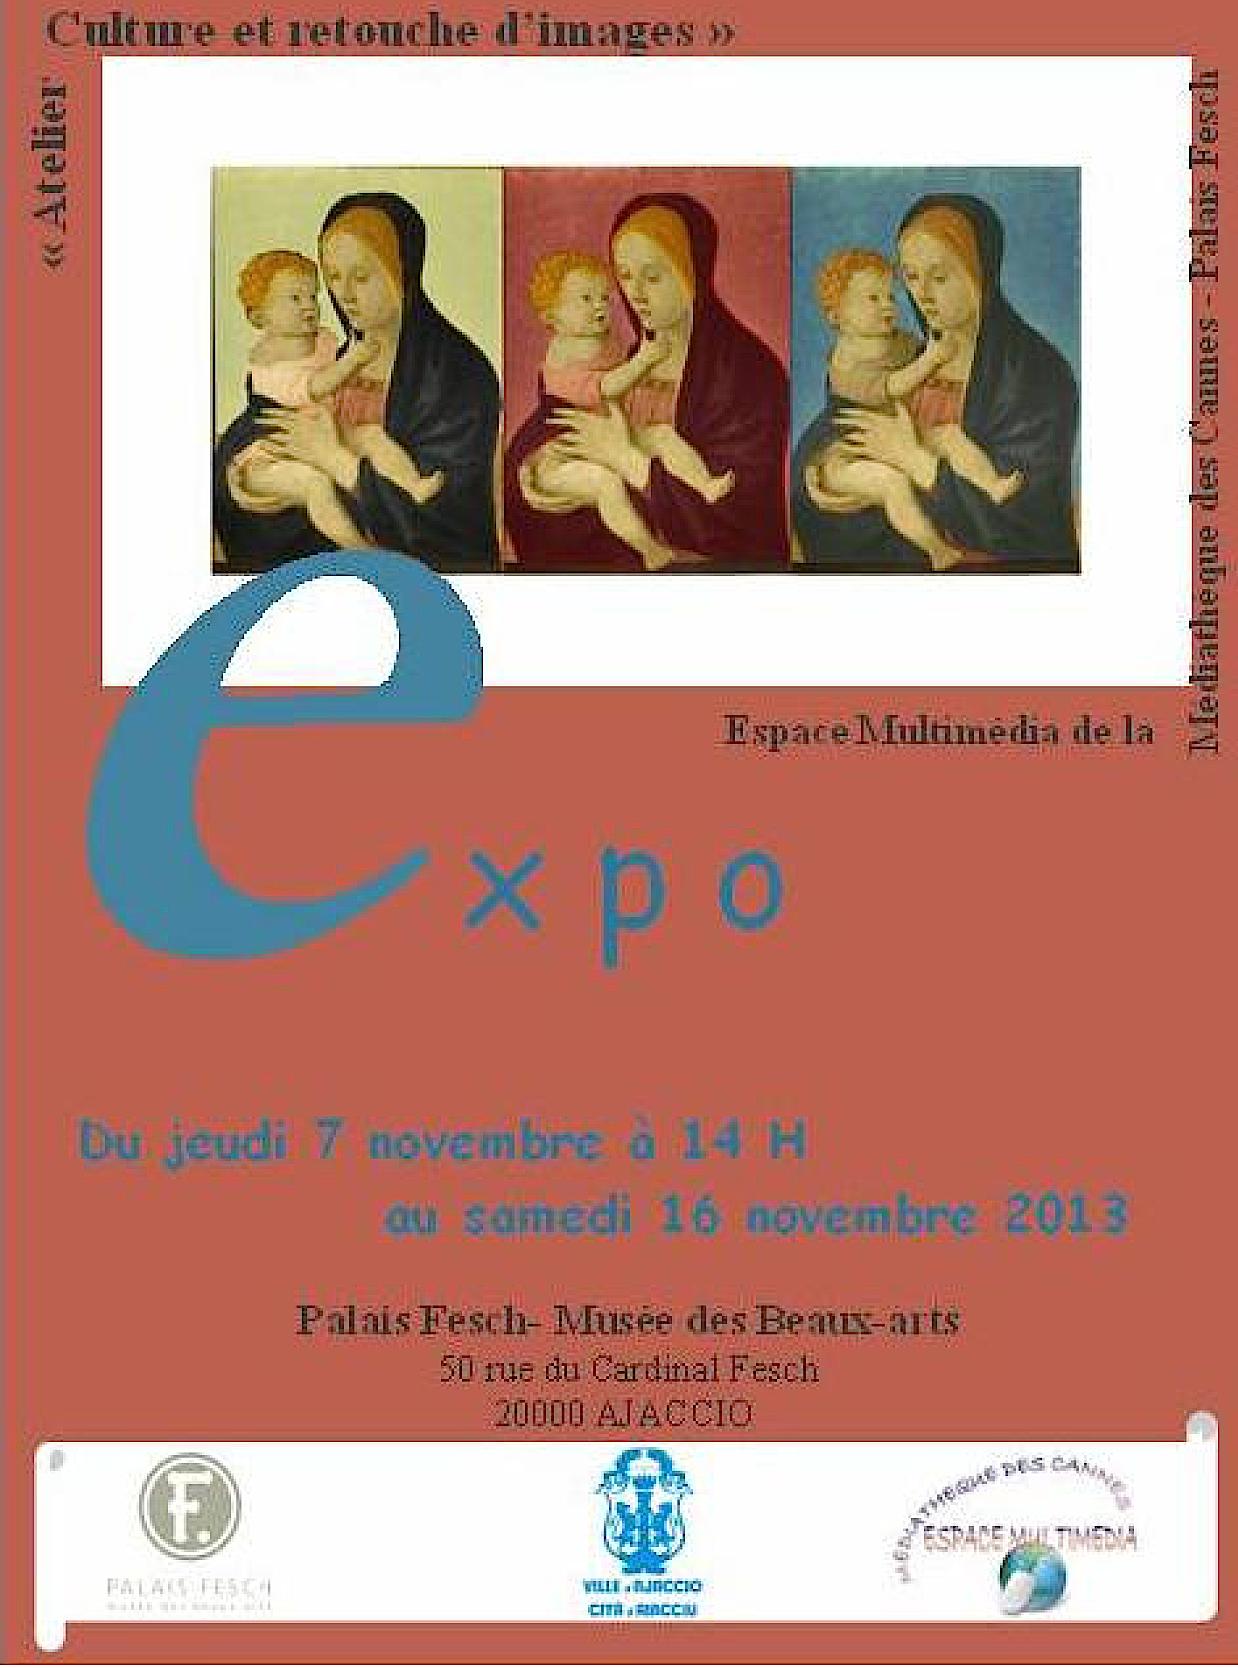 Musée Fesch: Expositionsde l'atelier histoire des arts et retouche d'images